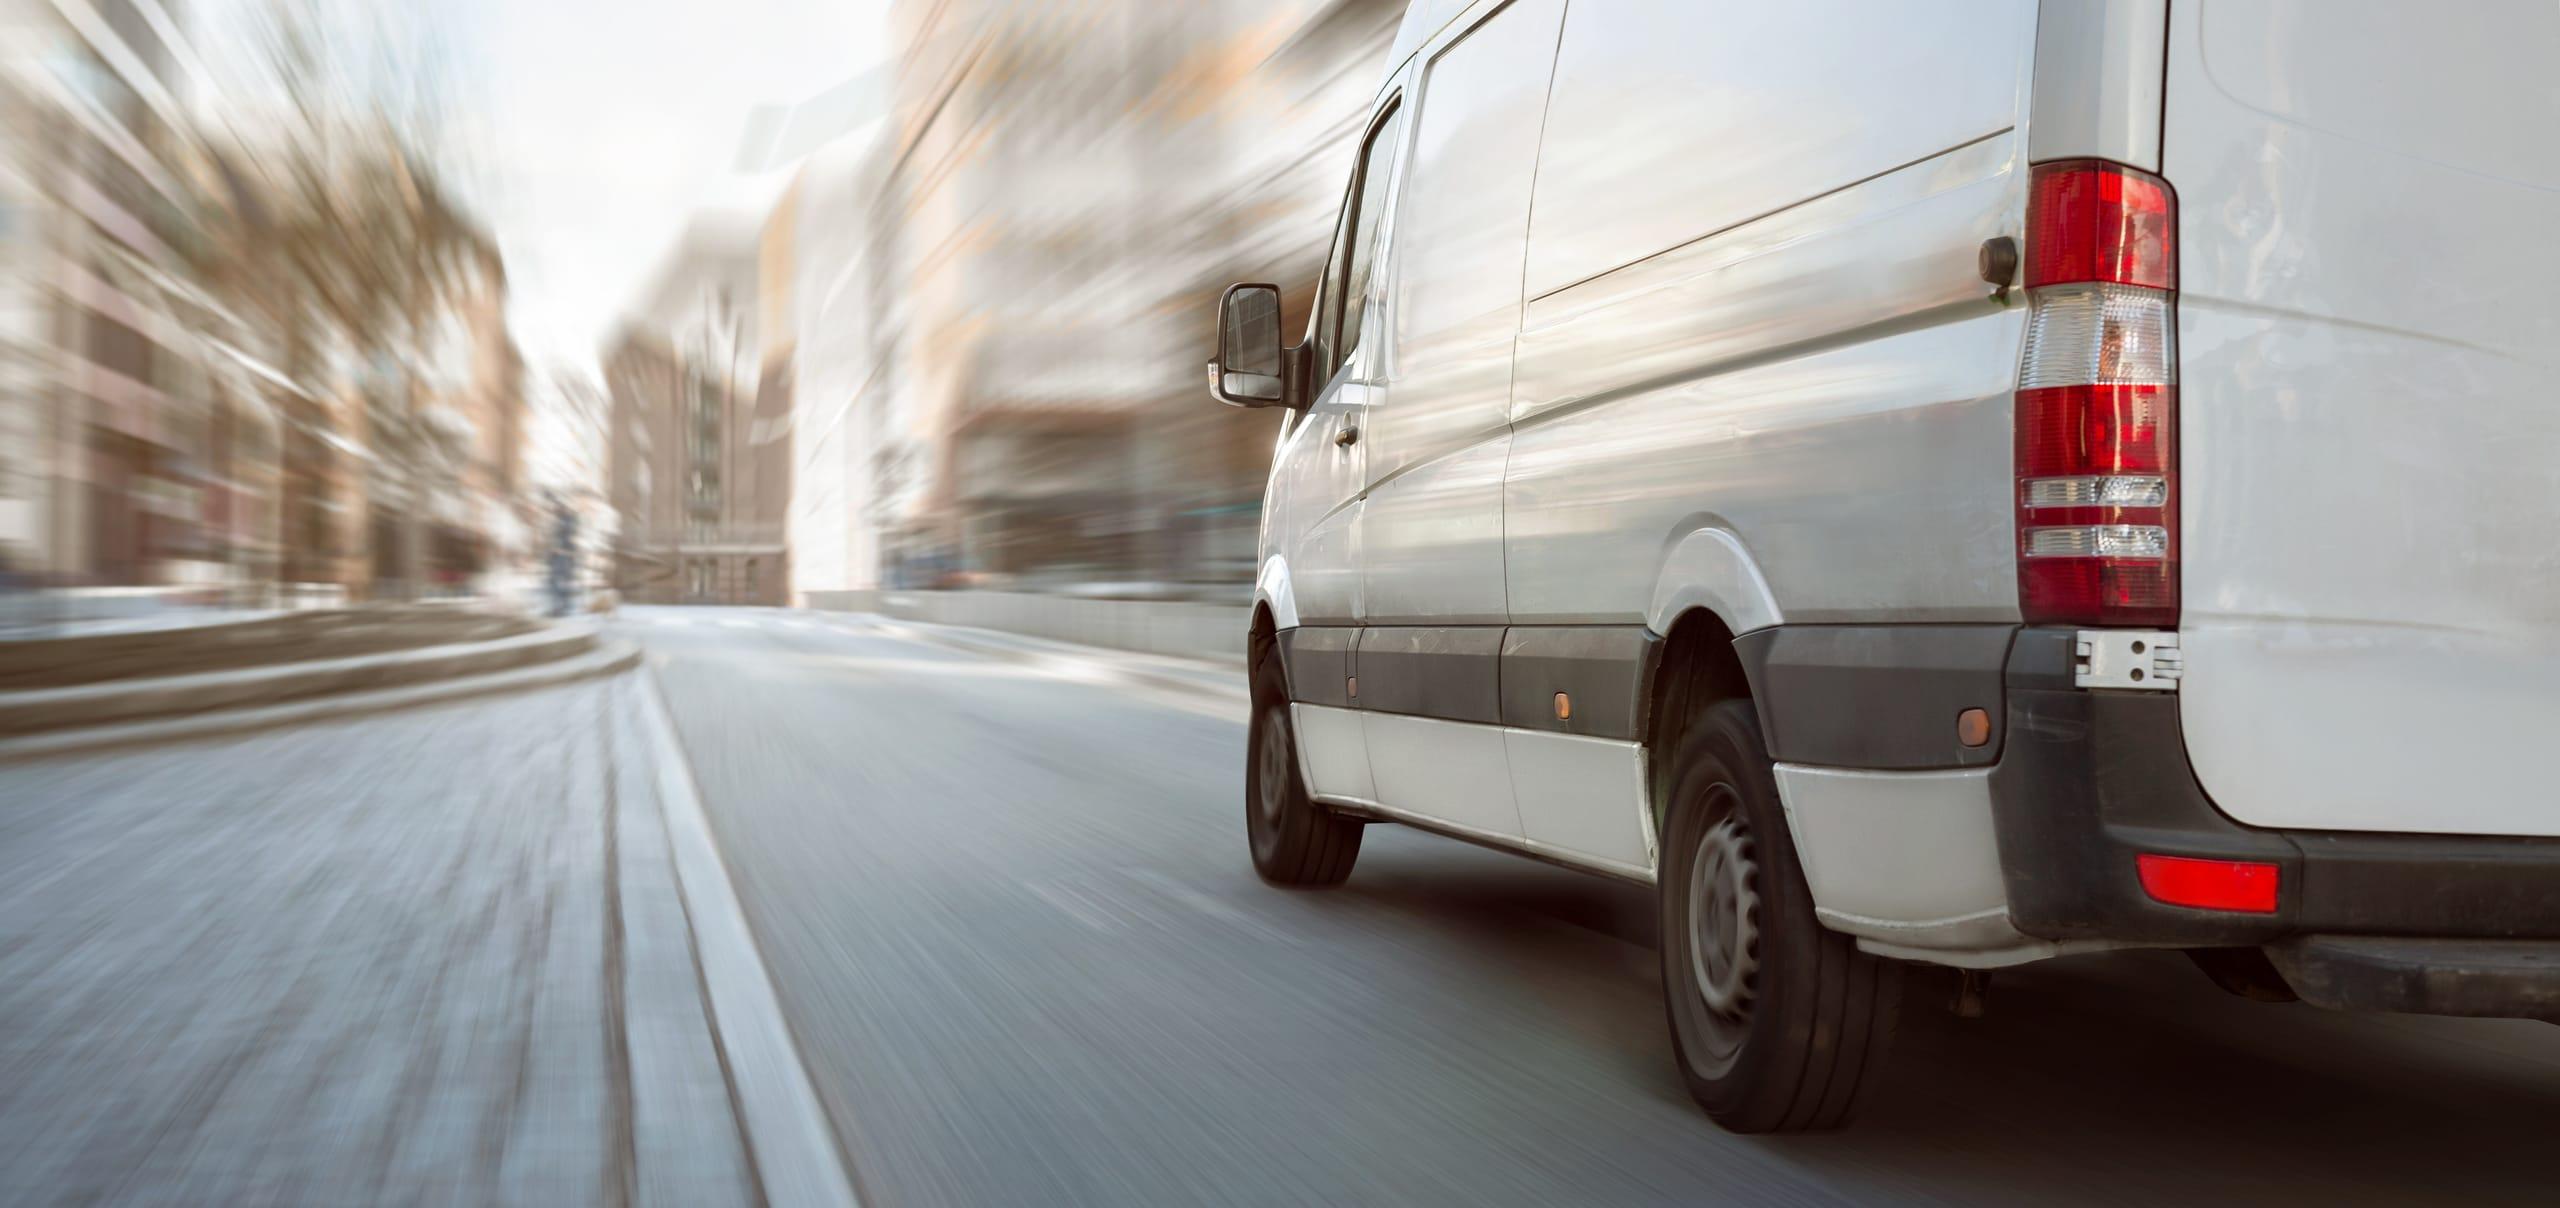 Tüv-Report: Jeder fünfte Transporter fällt bei HU durch